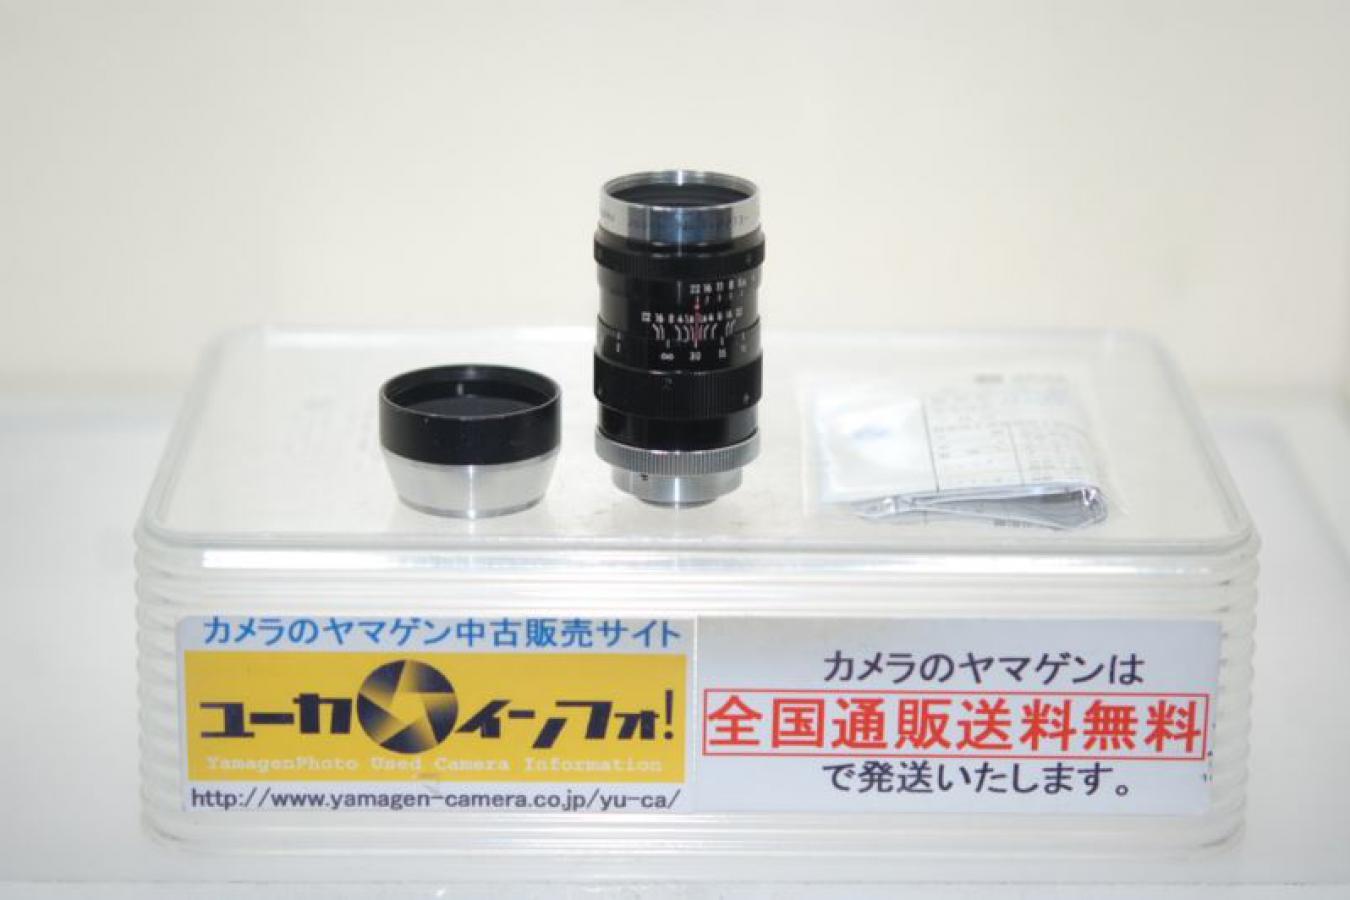 日本光学 Cine-NIKKOR 38mm F1.8 純正フード付 OH済 【Dマウントレンズ】